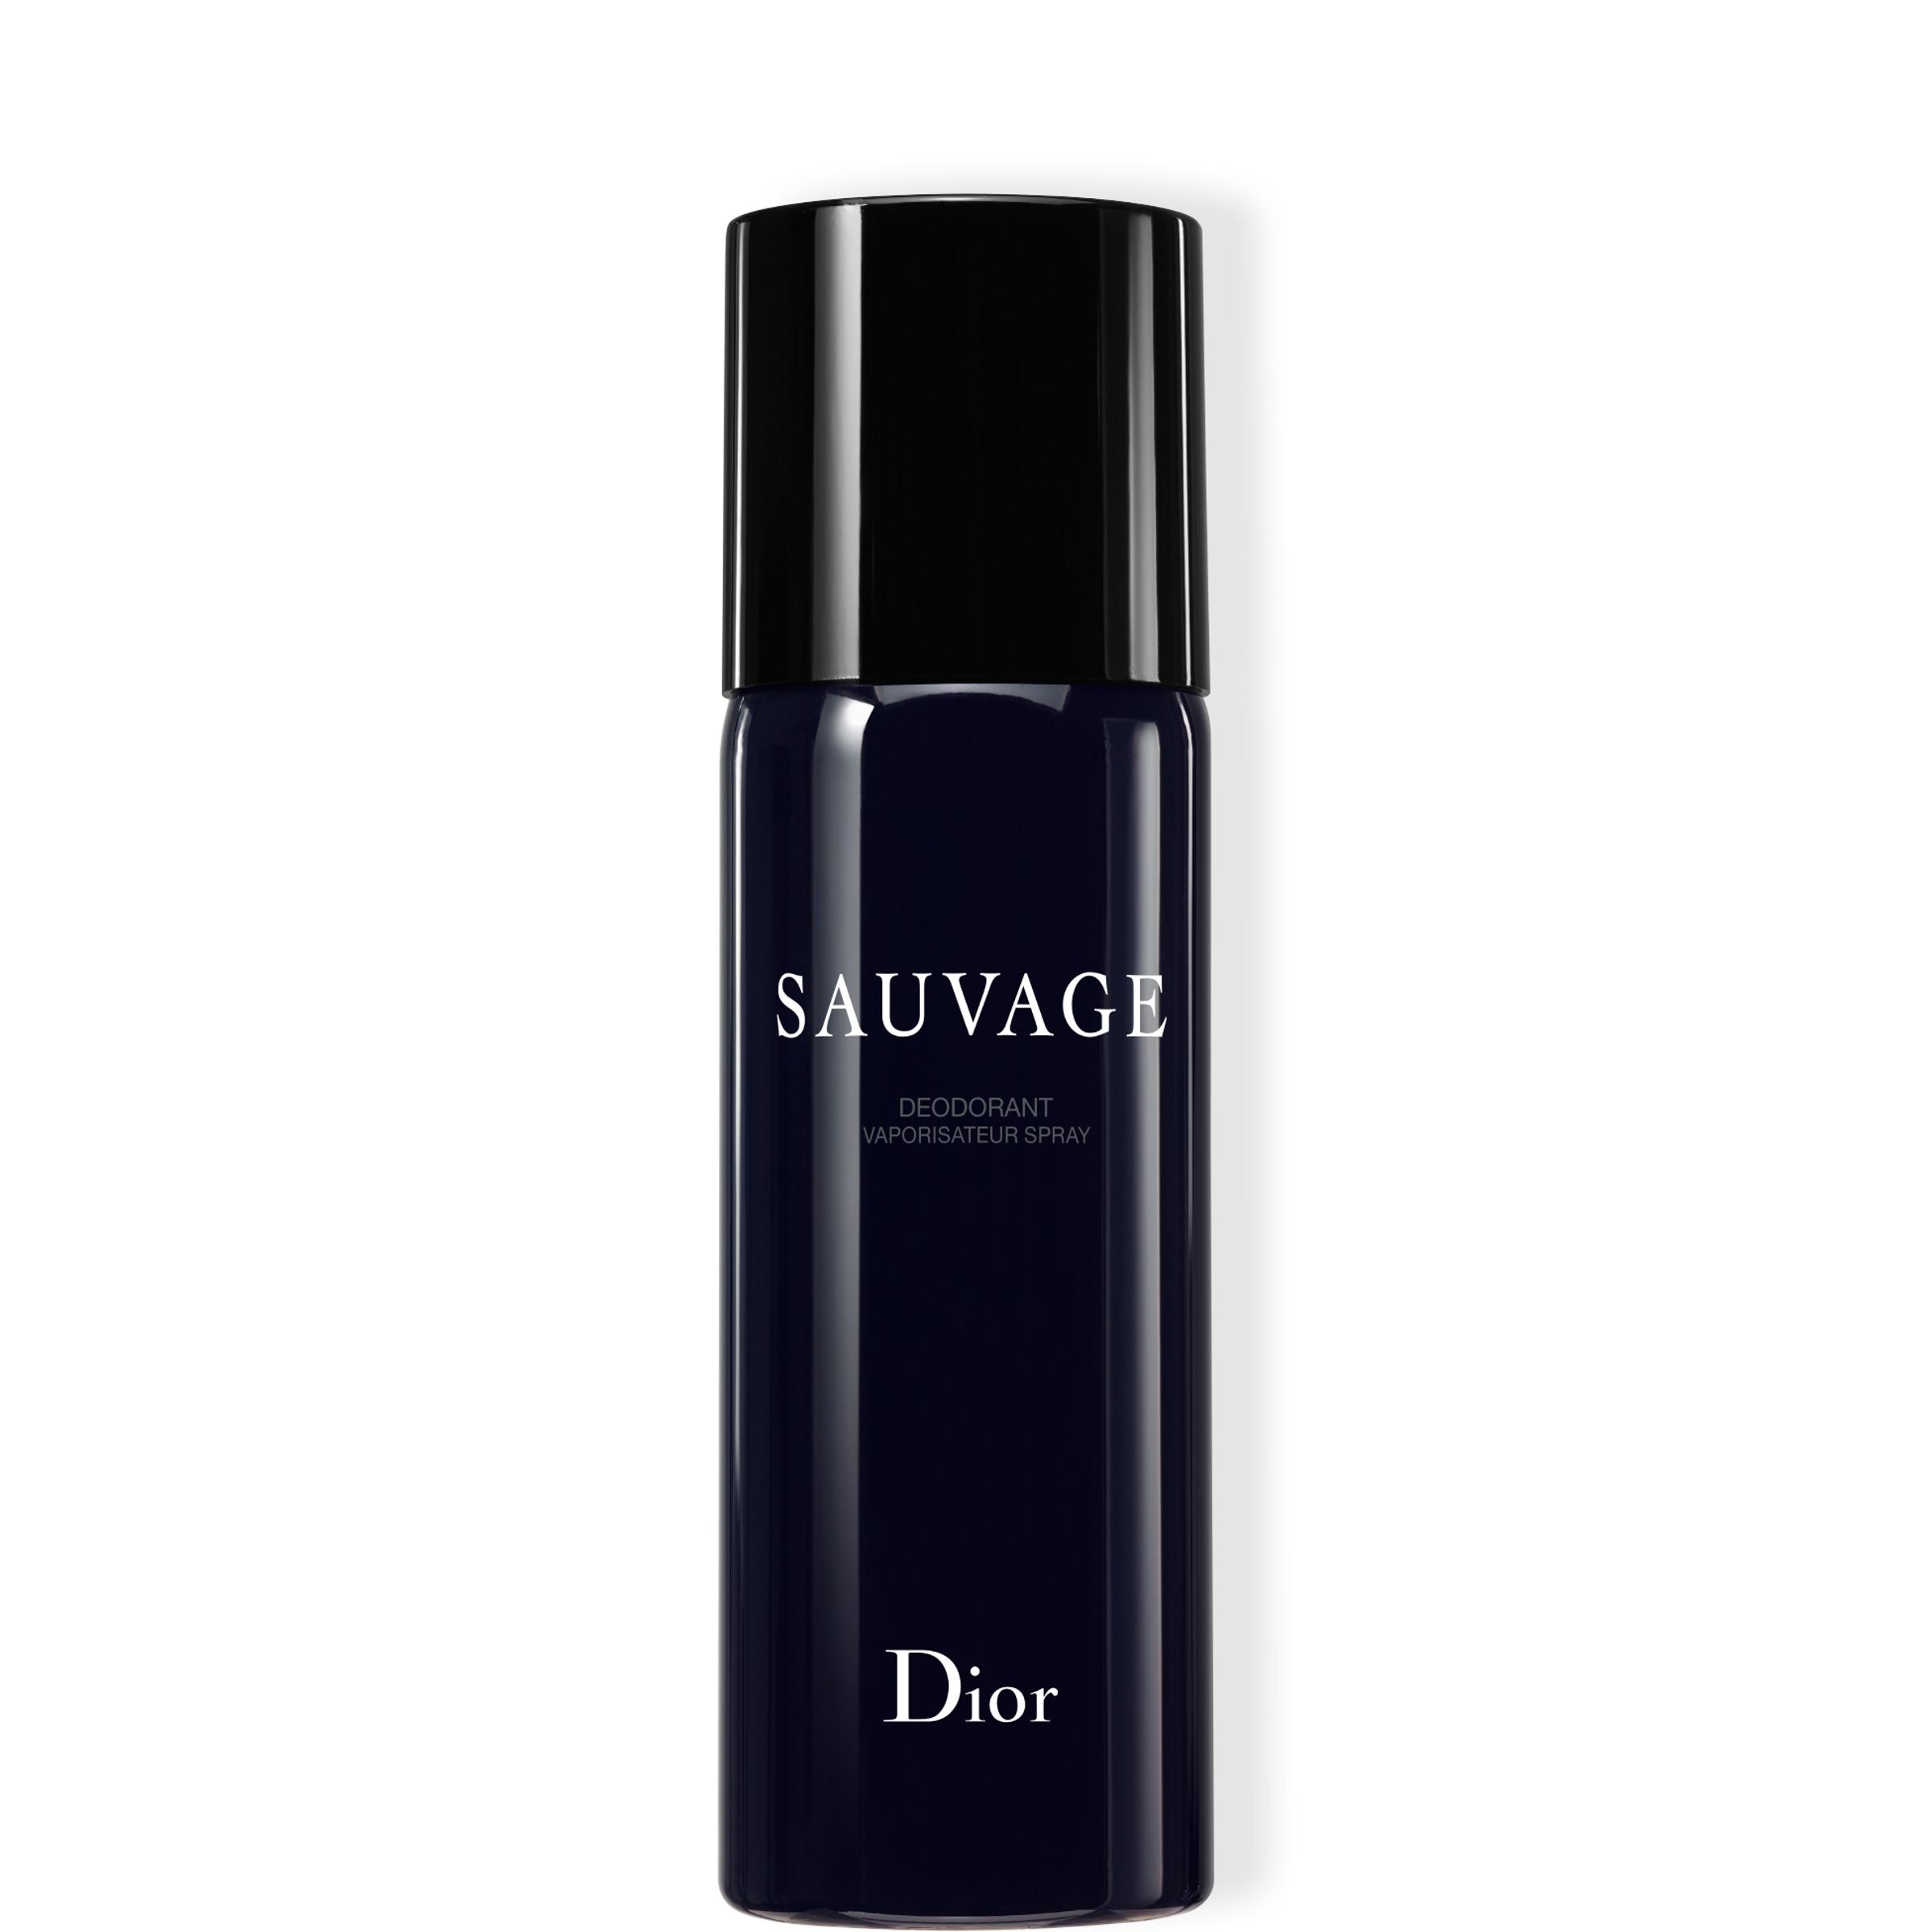 Sauvage Deodorant Spray